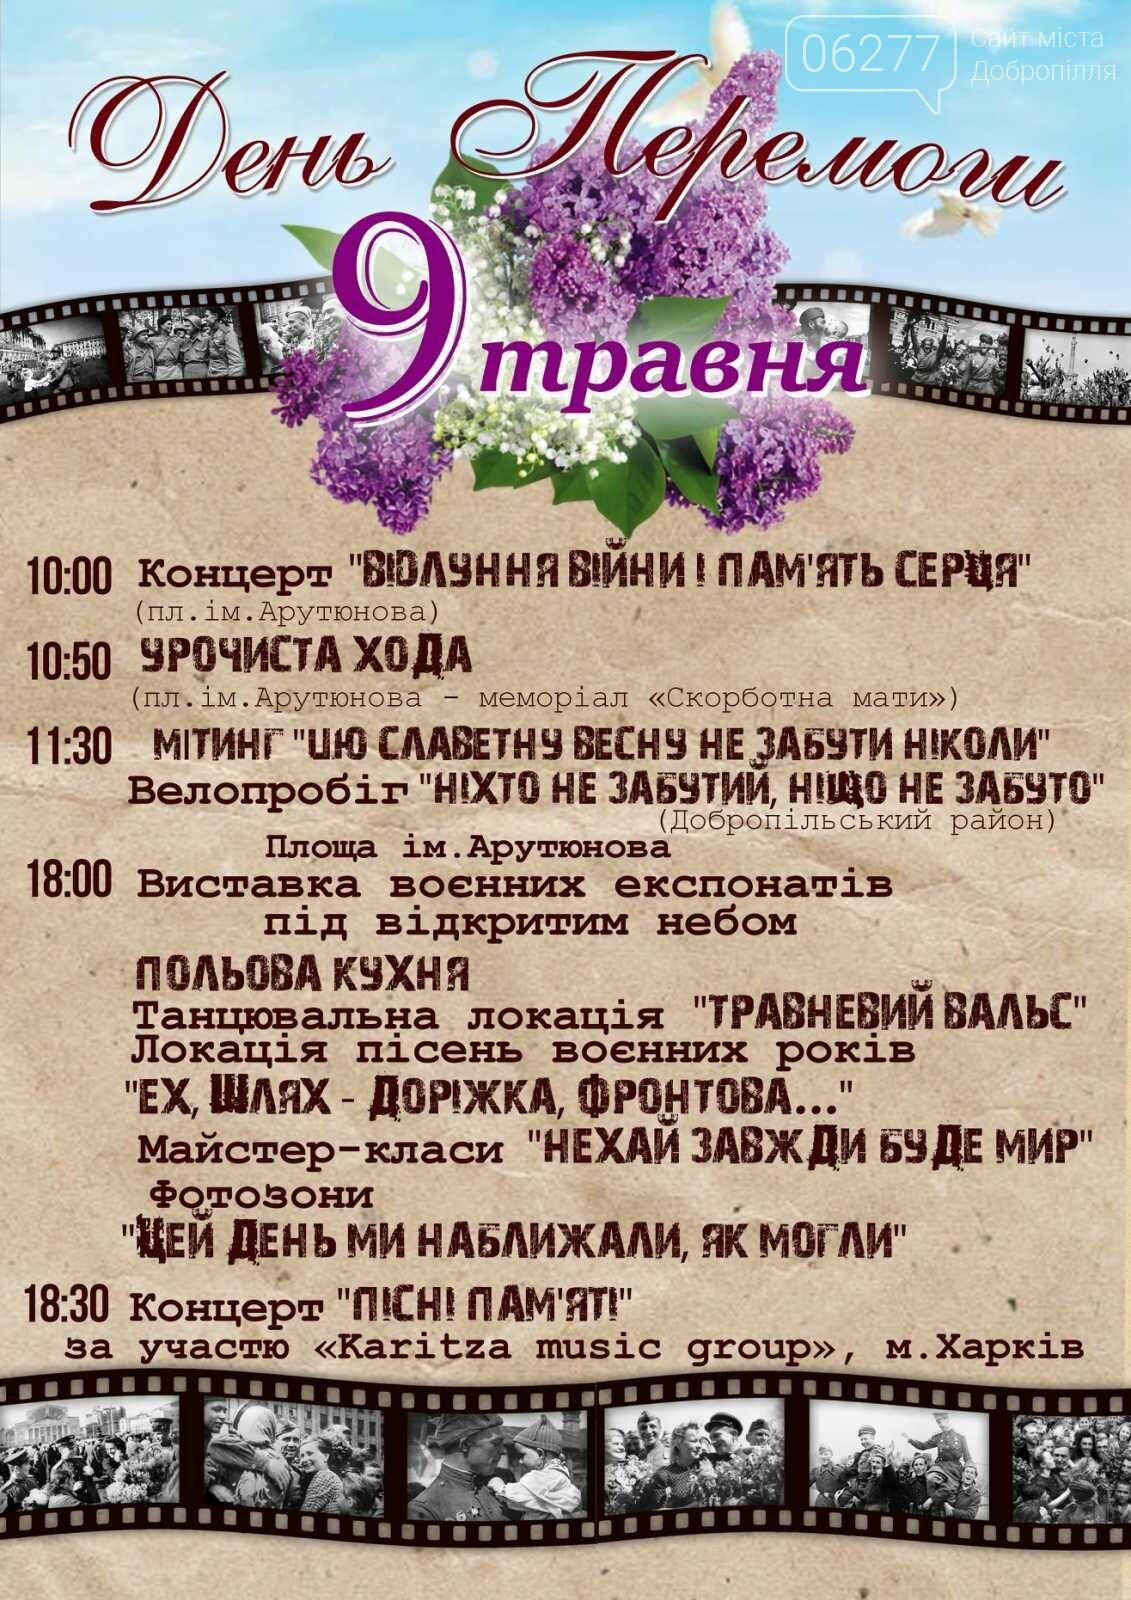 В Доброполье пройдет ряд праздничных мероприятий ко Дню памяти и примирения и Дню победы, фото-2